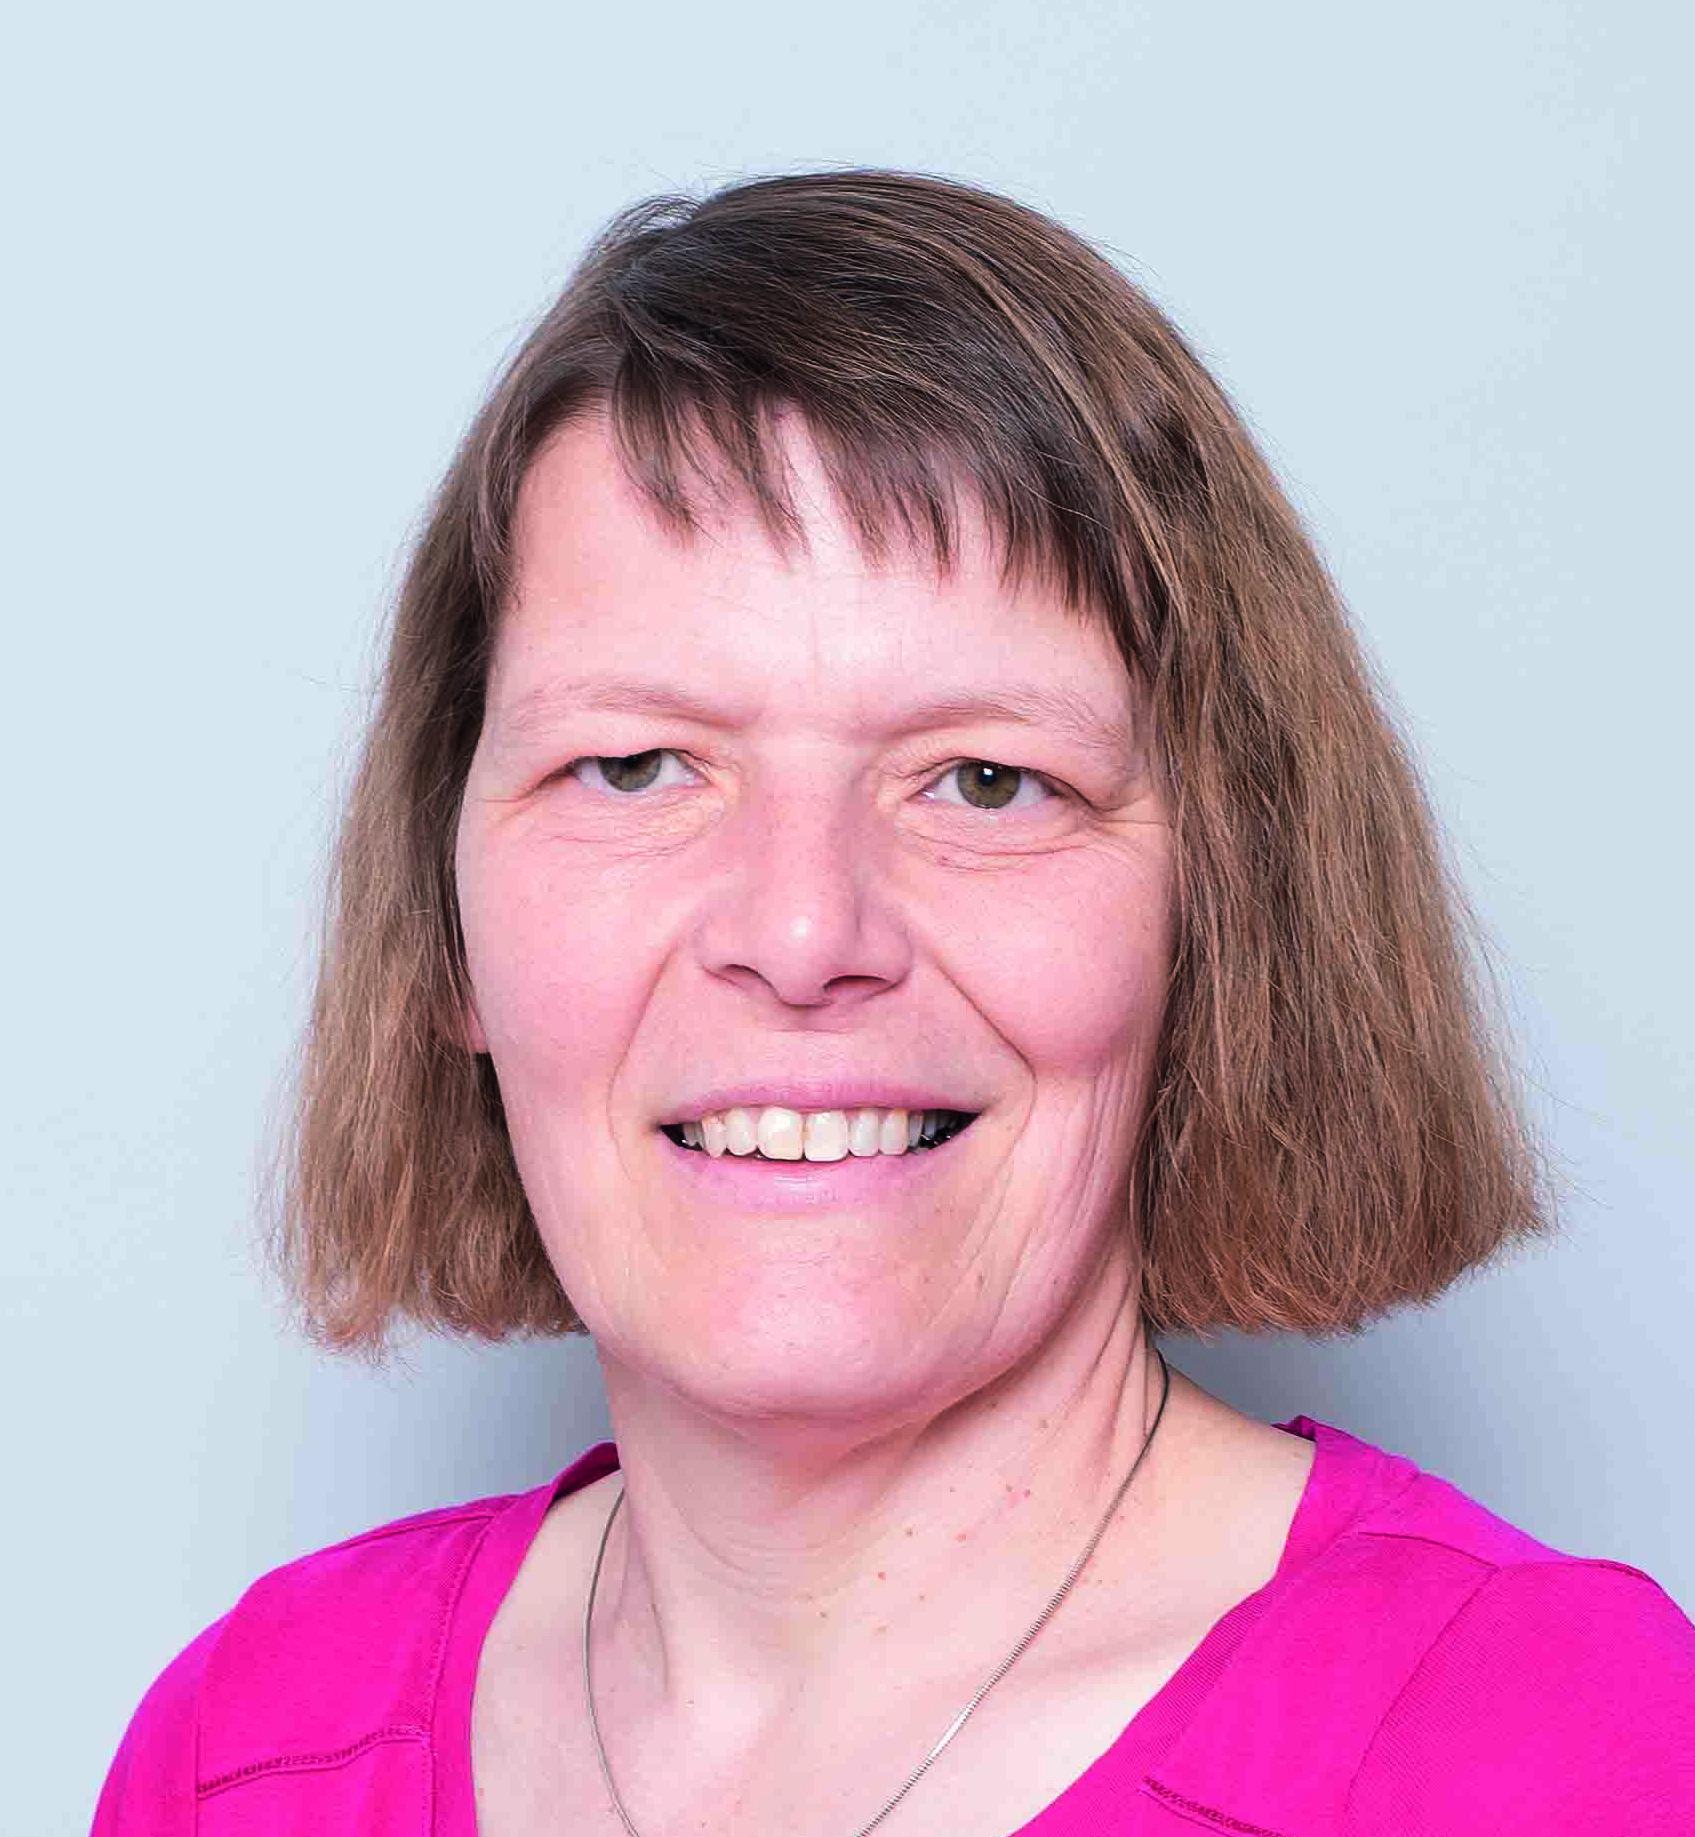 Ingrid Reinecke - Beisitzerin